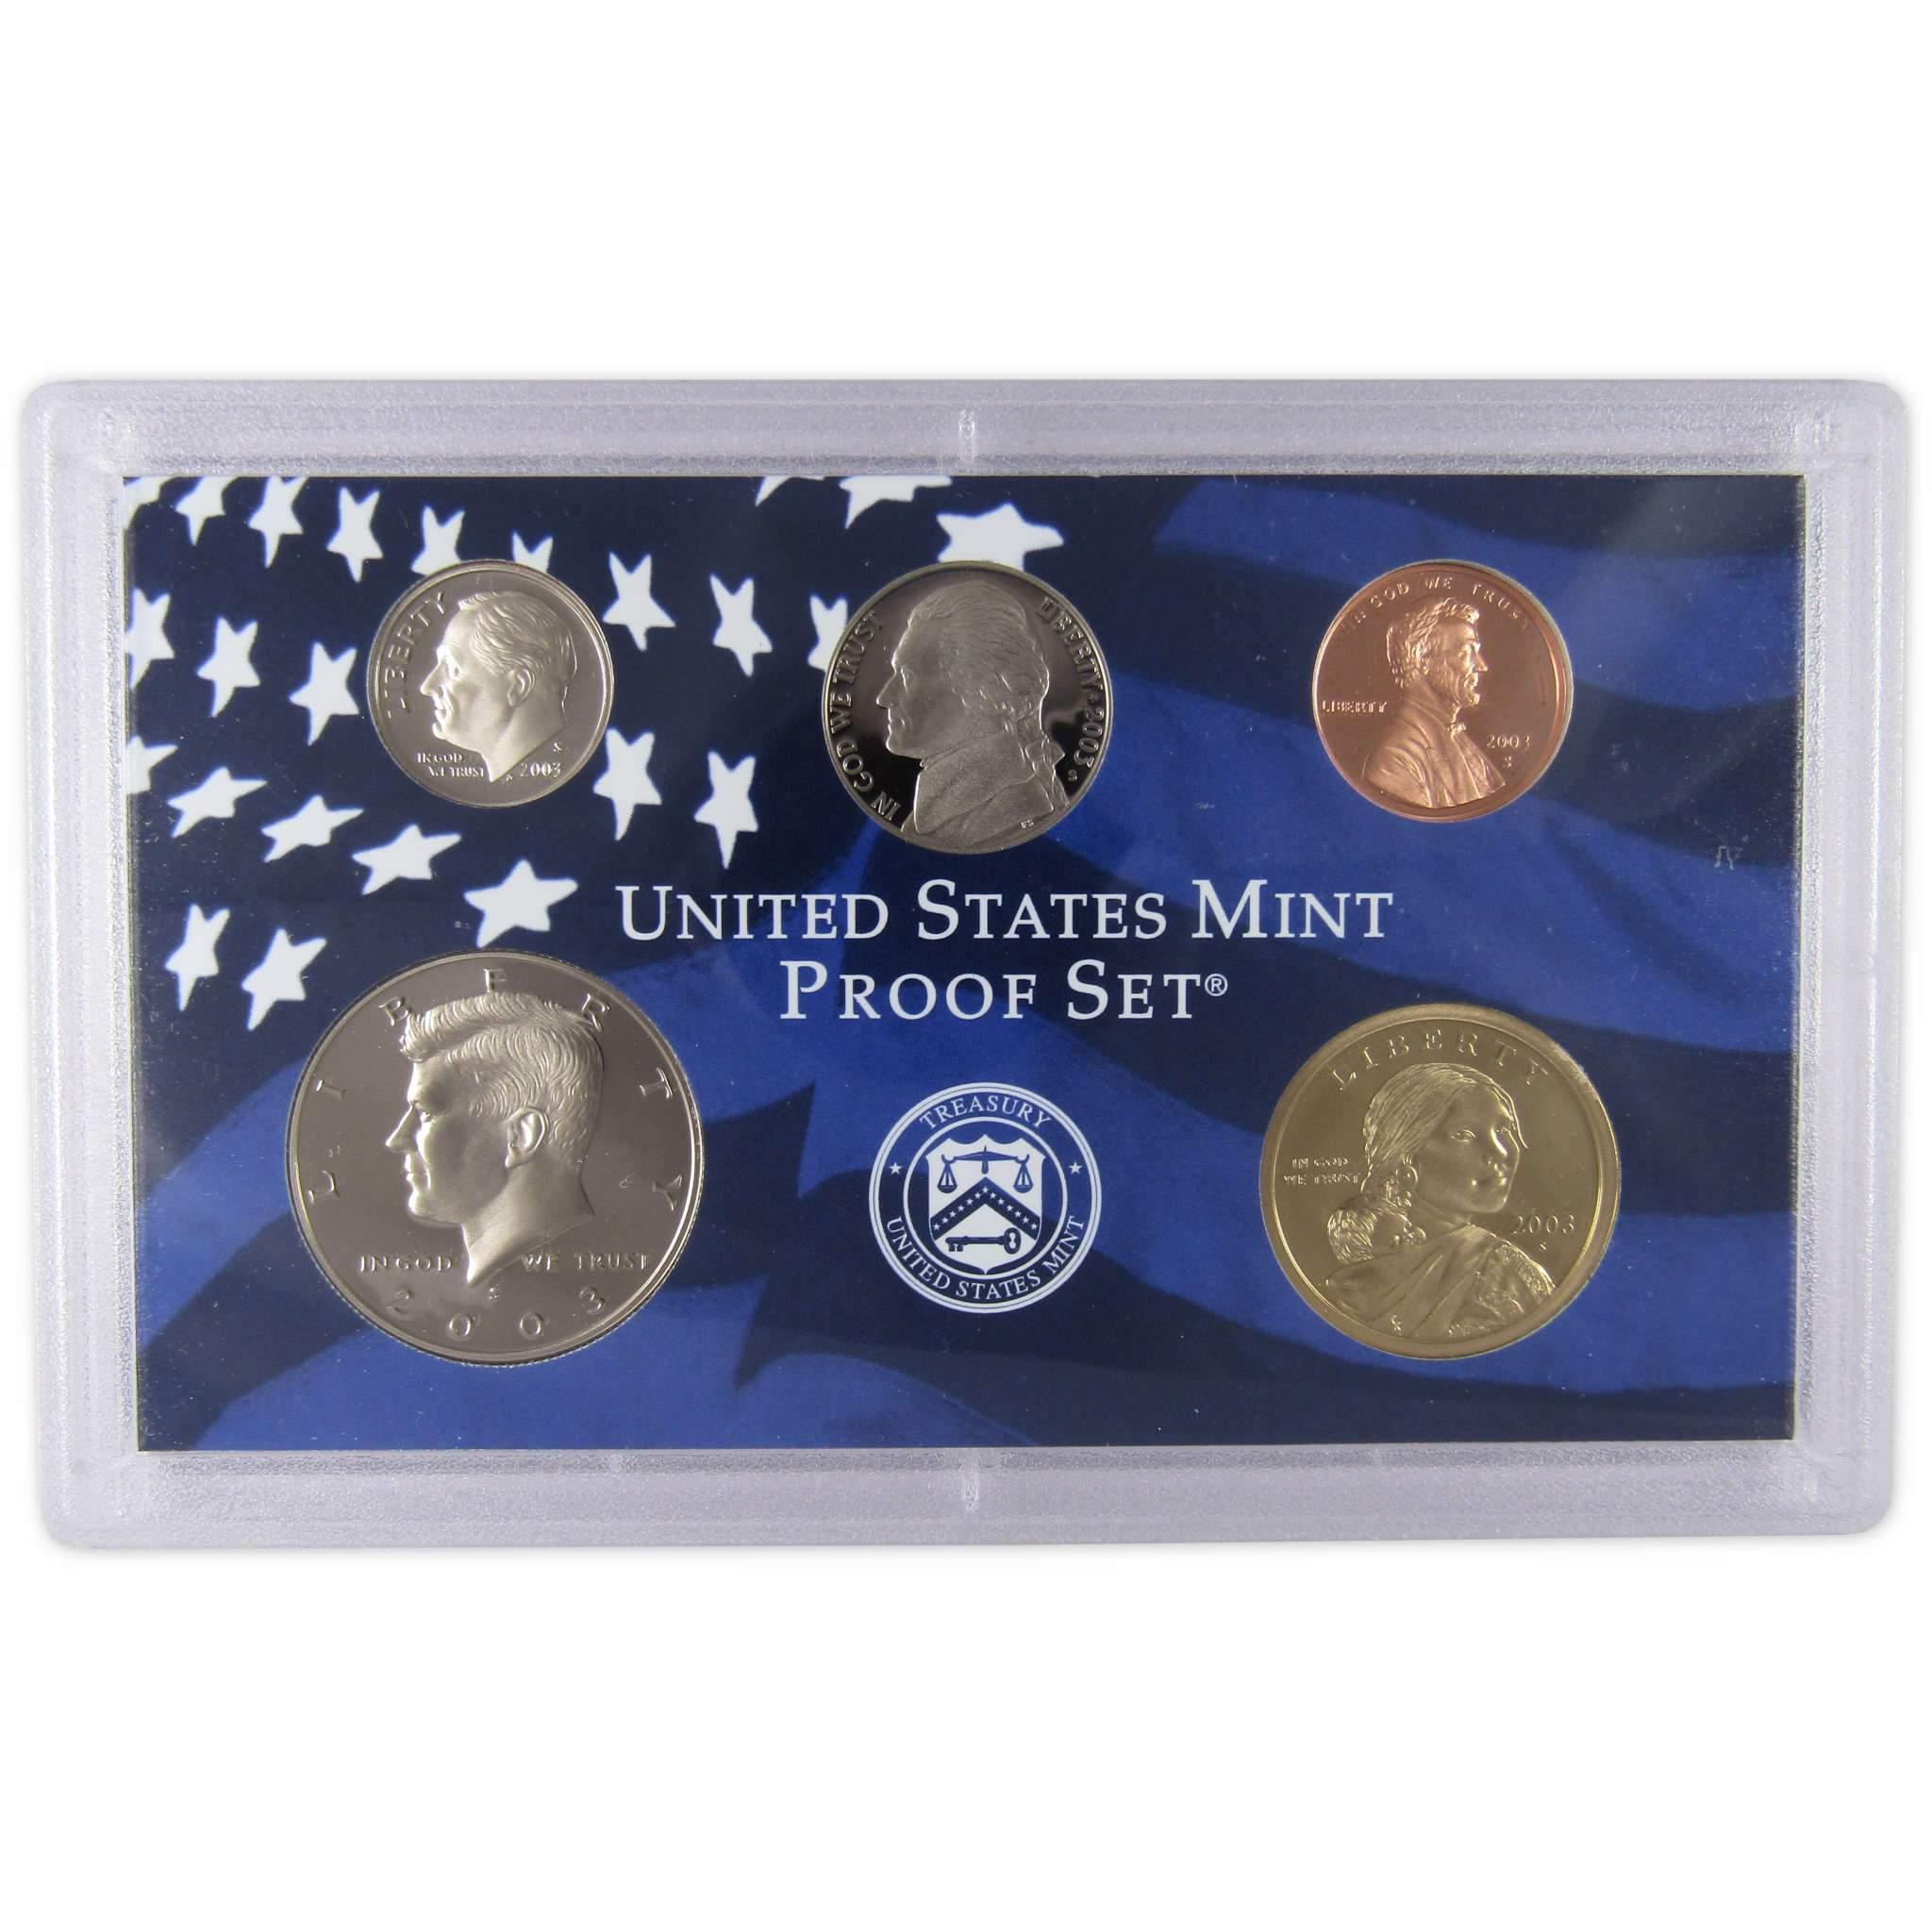 2003 US Mint Proof Set OGP packaging